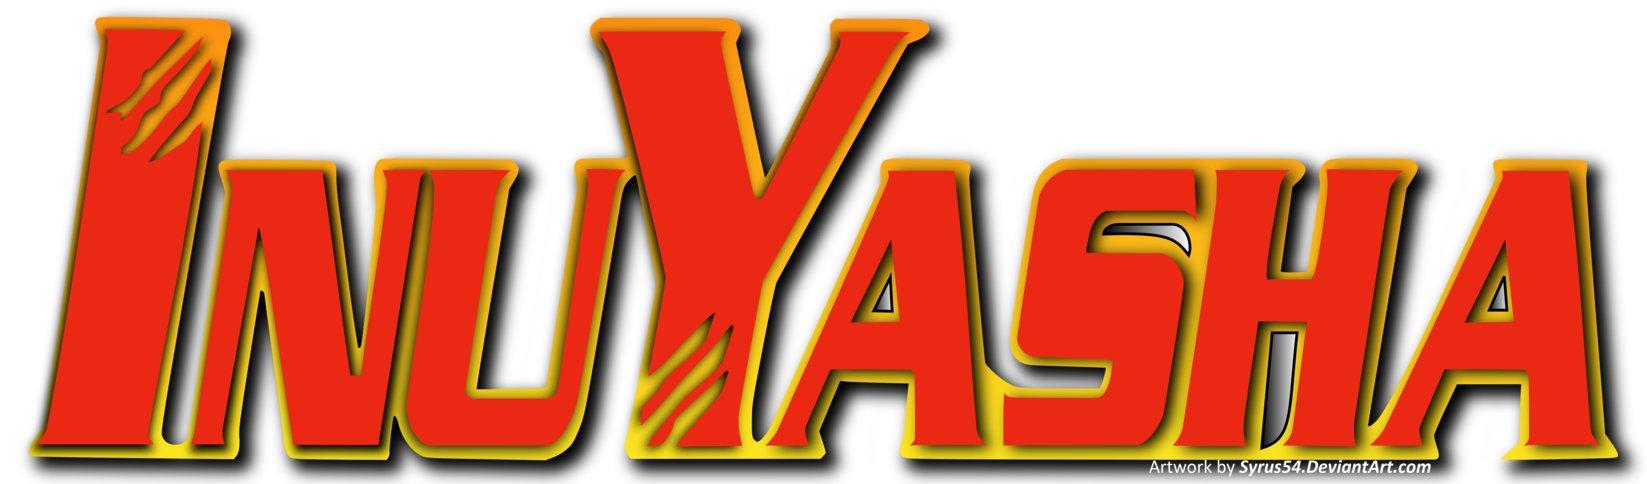 Inuyasha logo png 5 » PNG Image.